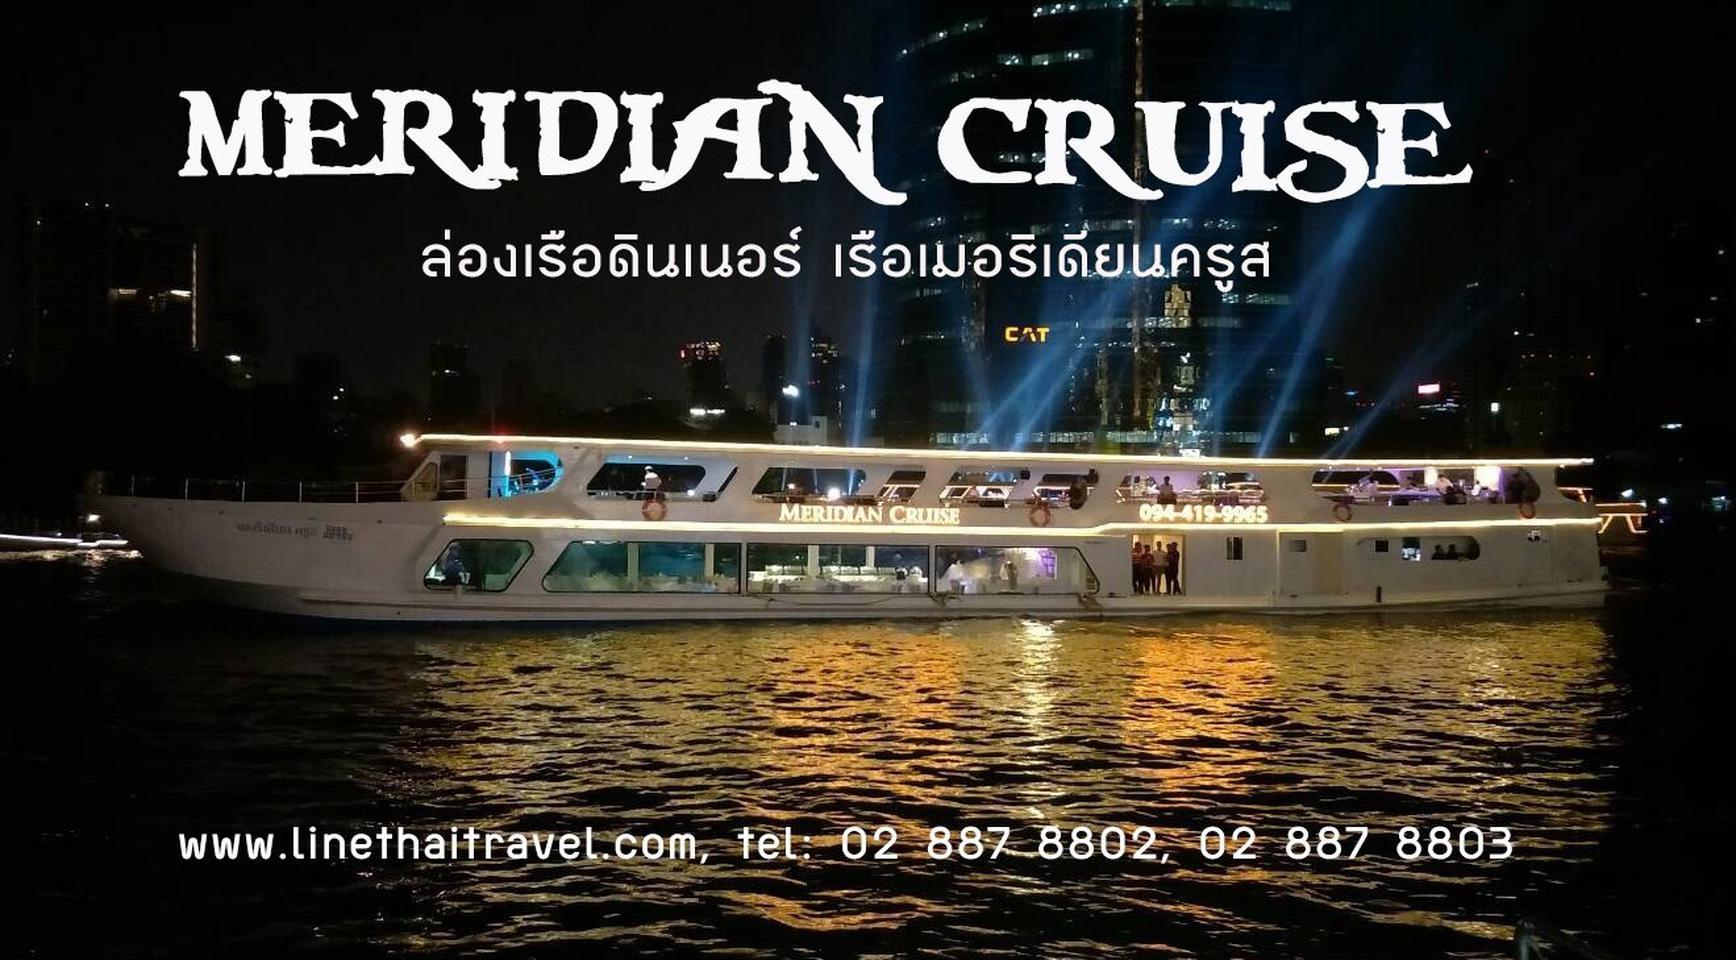 ล่องเรือเเม่น้ำเจ้าพระยา เรือเมอริเดียน ครูซ ราคาพิเศษ รูปที่ 1